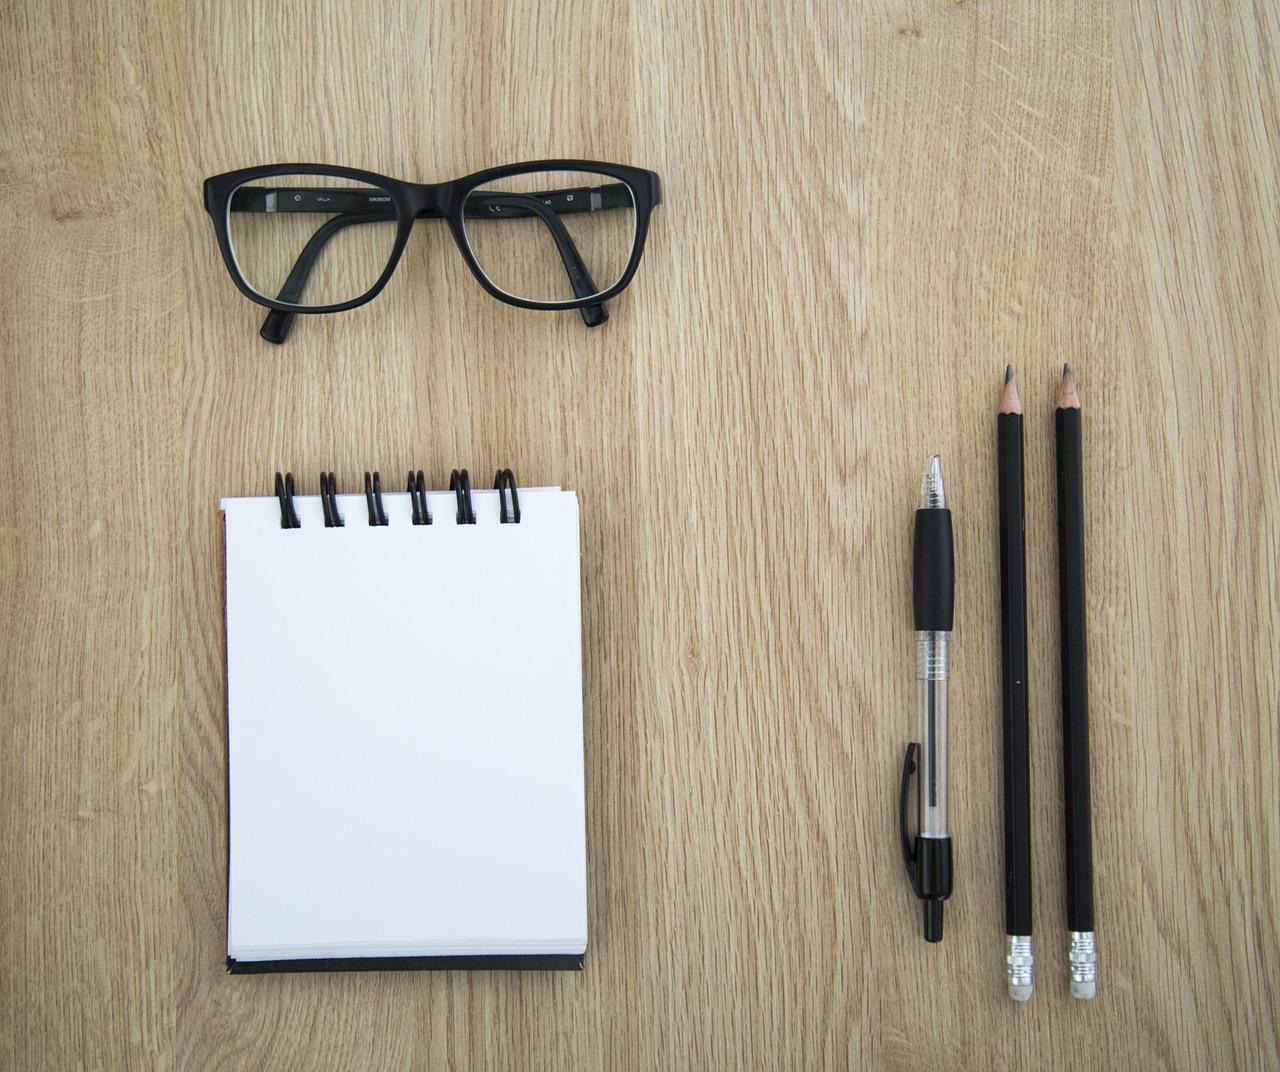 受験生必見!大学の指定校推薦の志望理由書はどう書けばいいの?